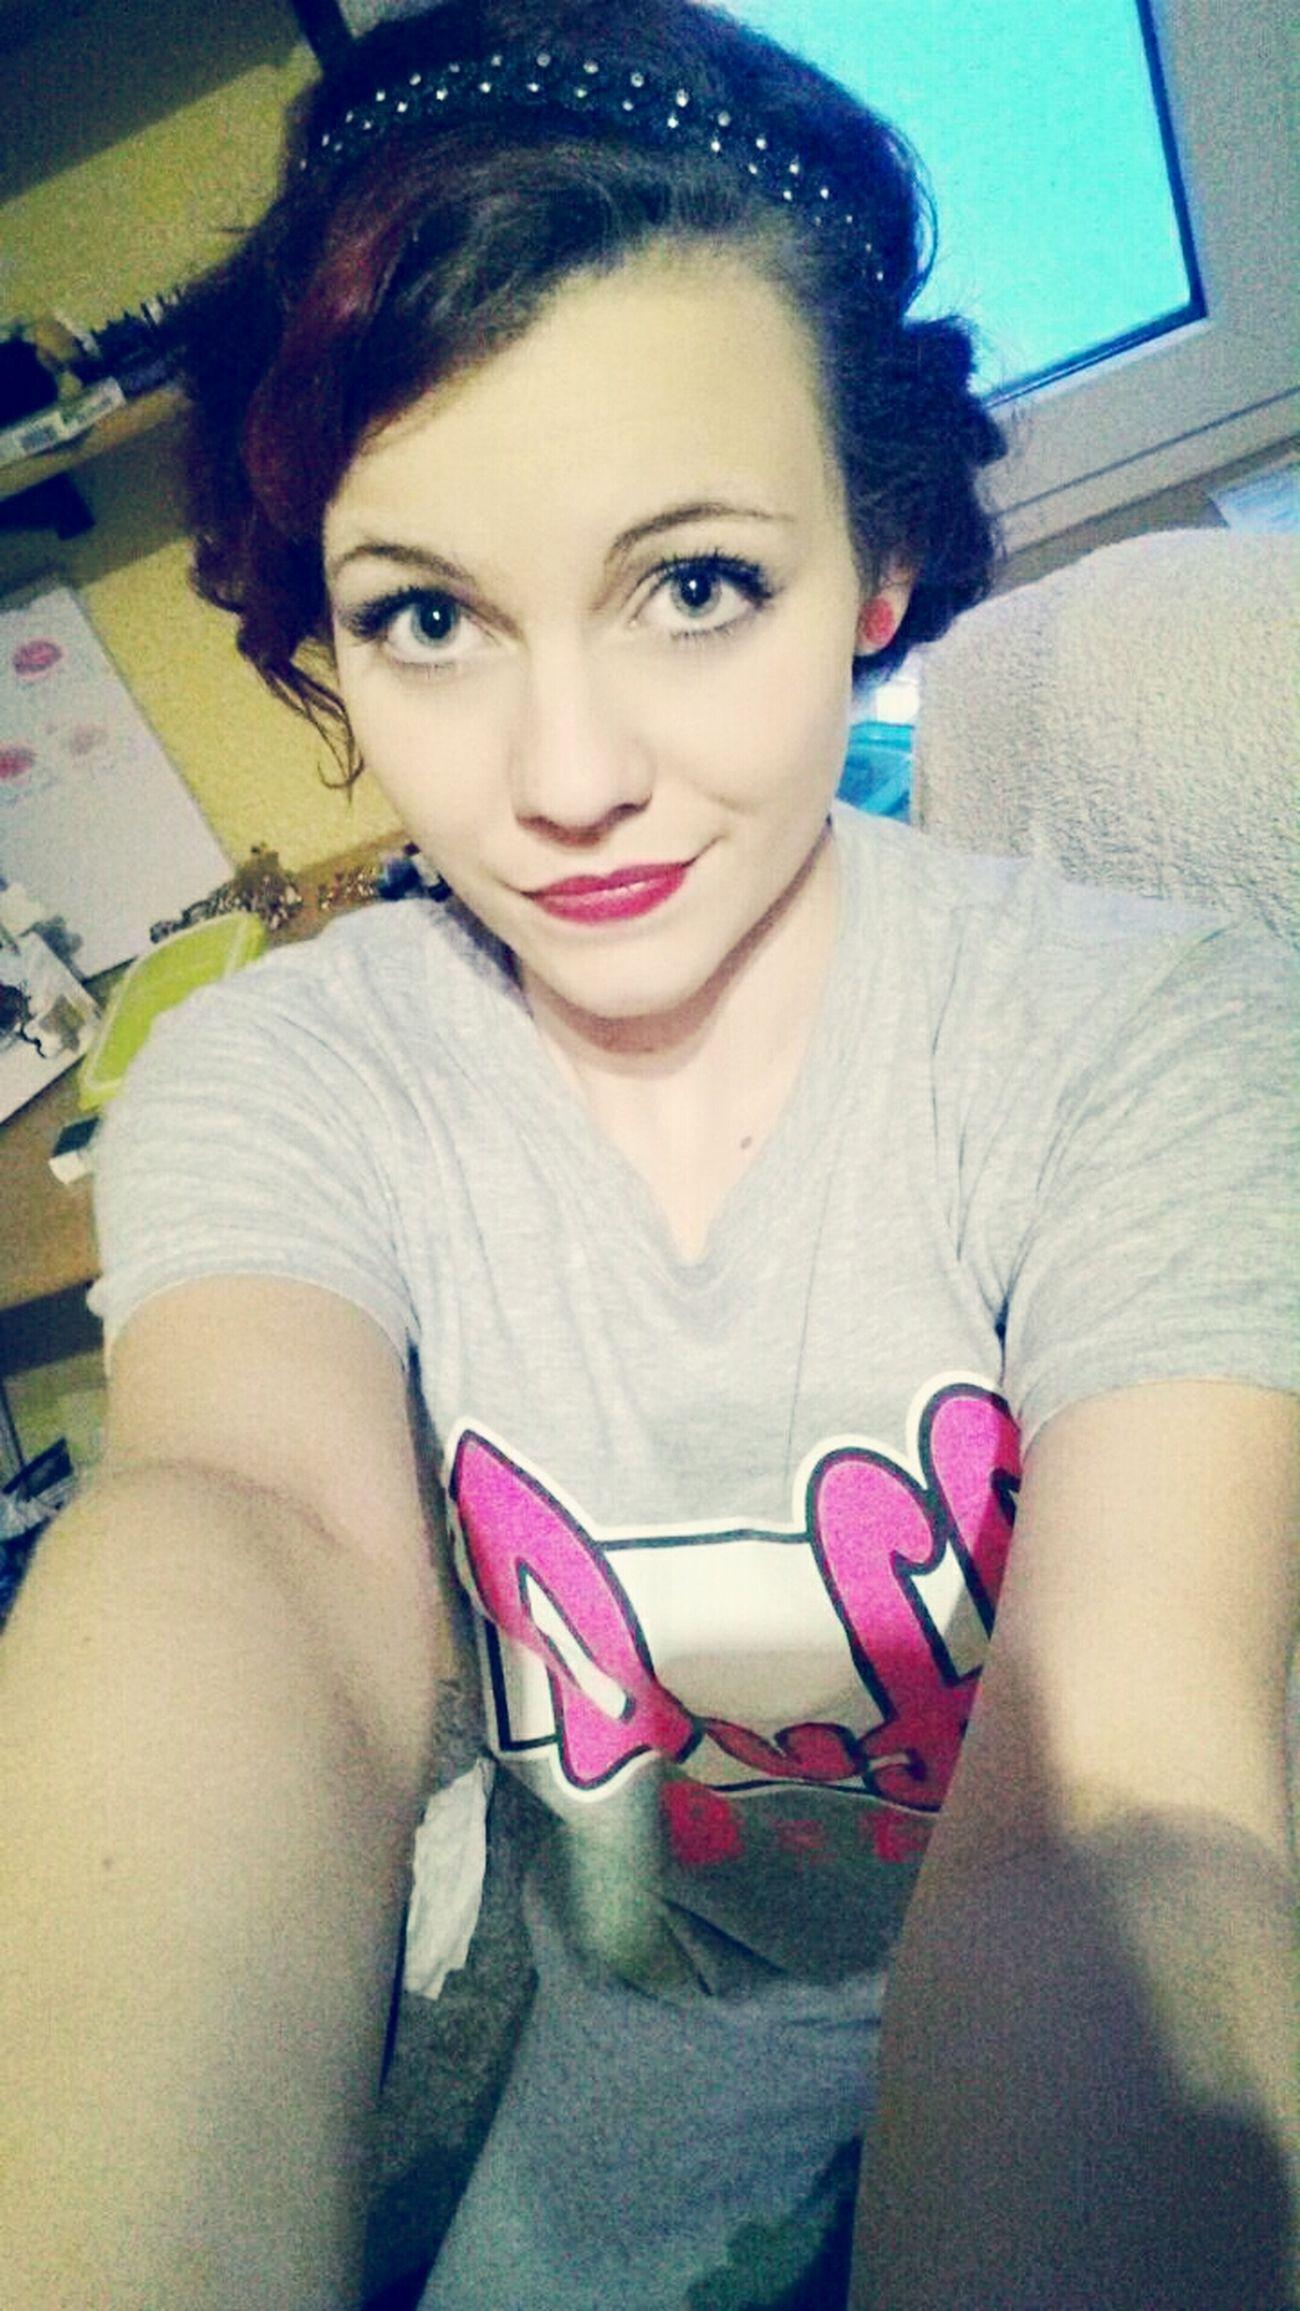 Selfie Lippenstift Haarband Duff Beer